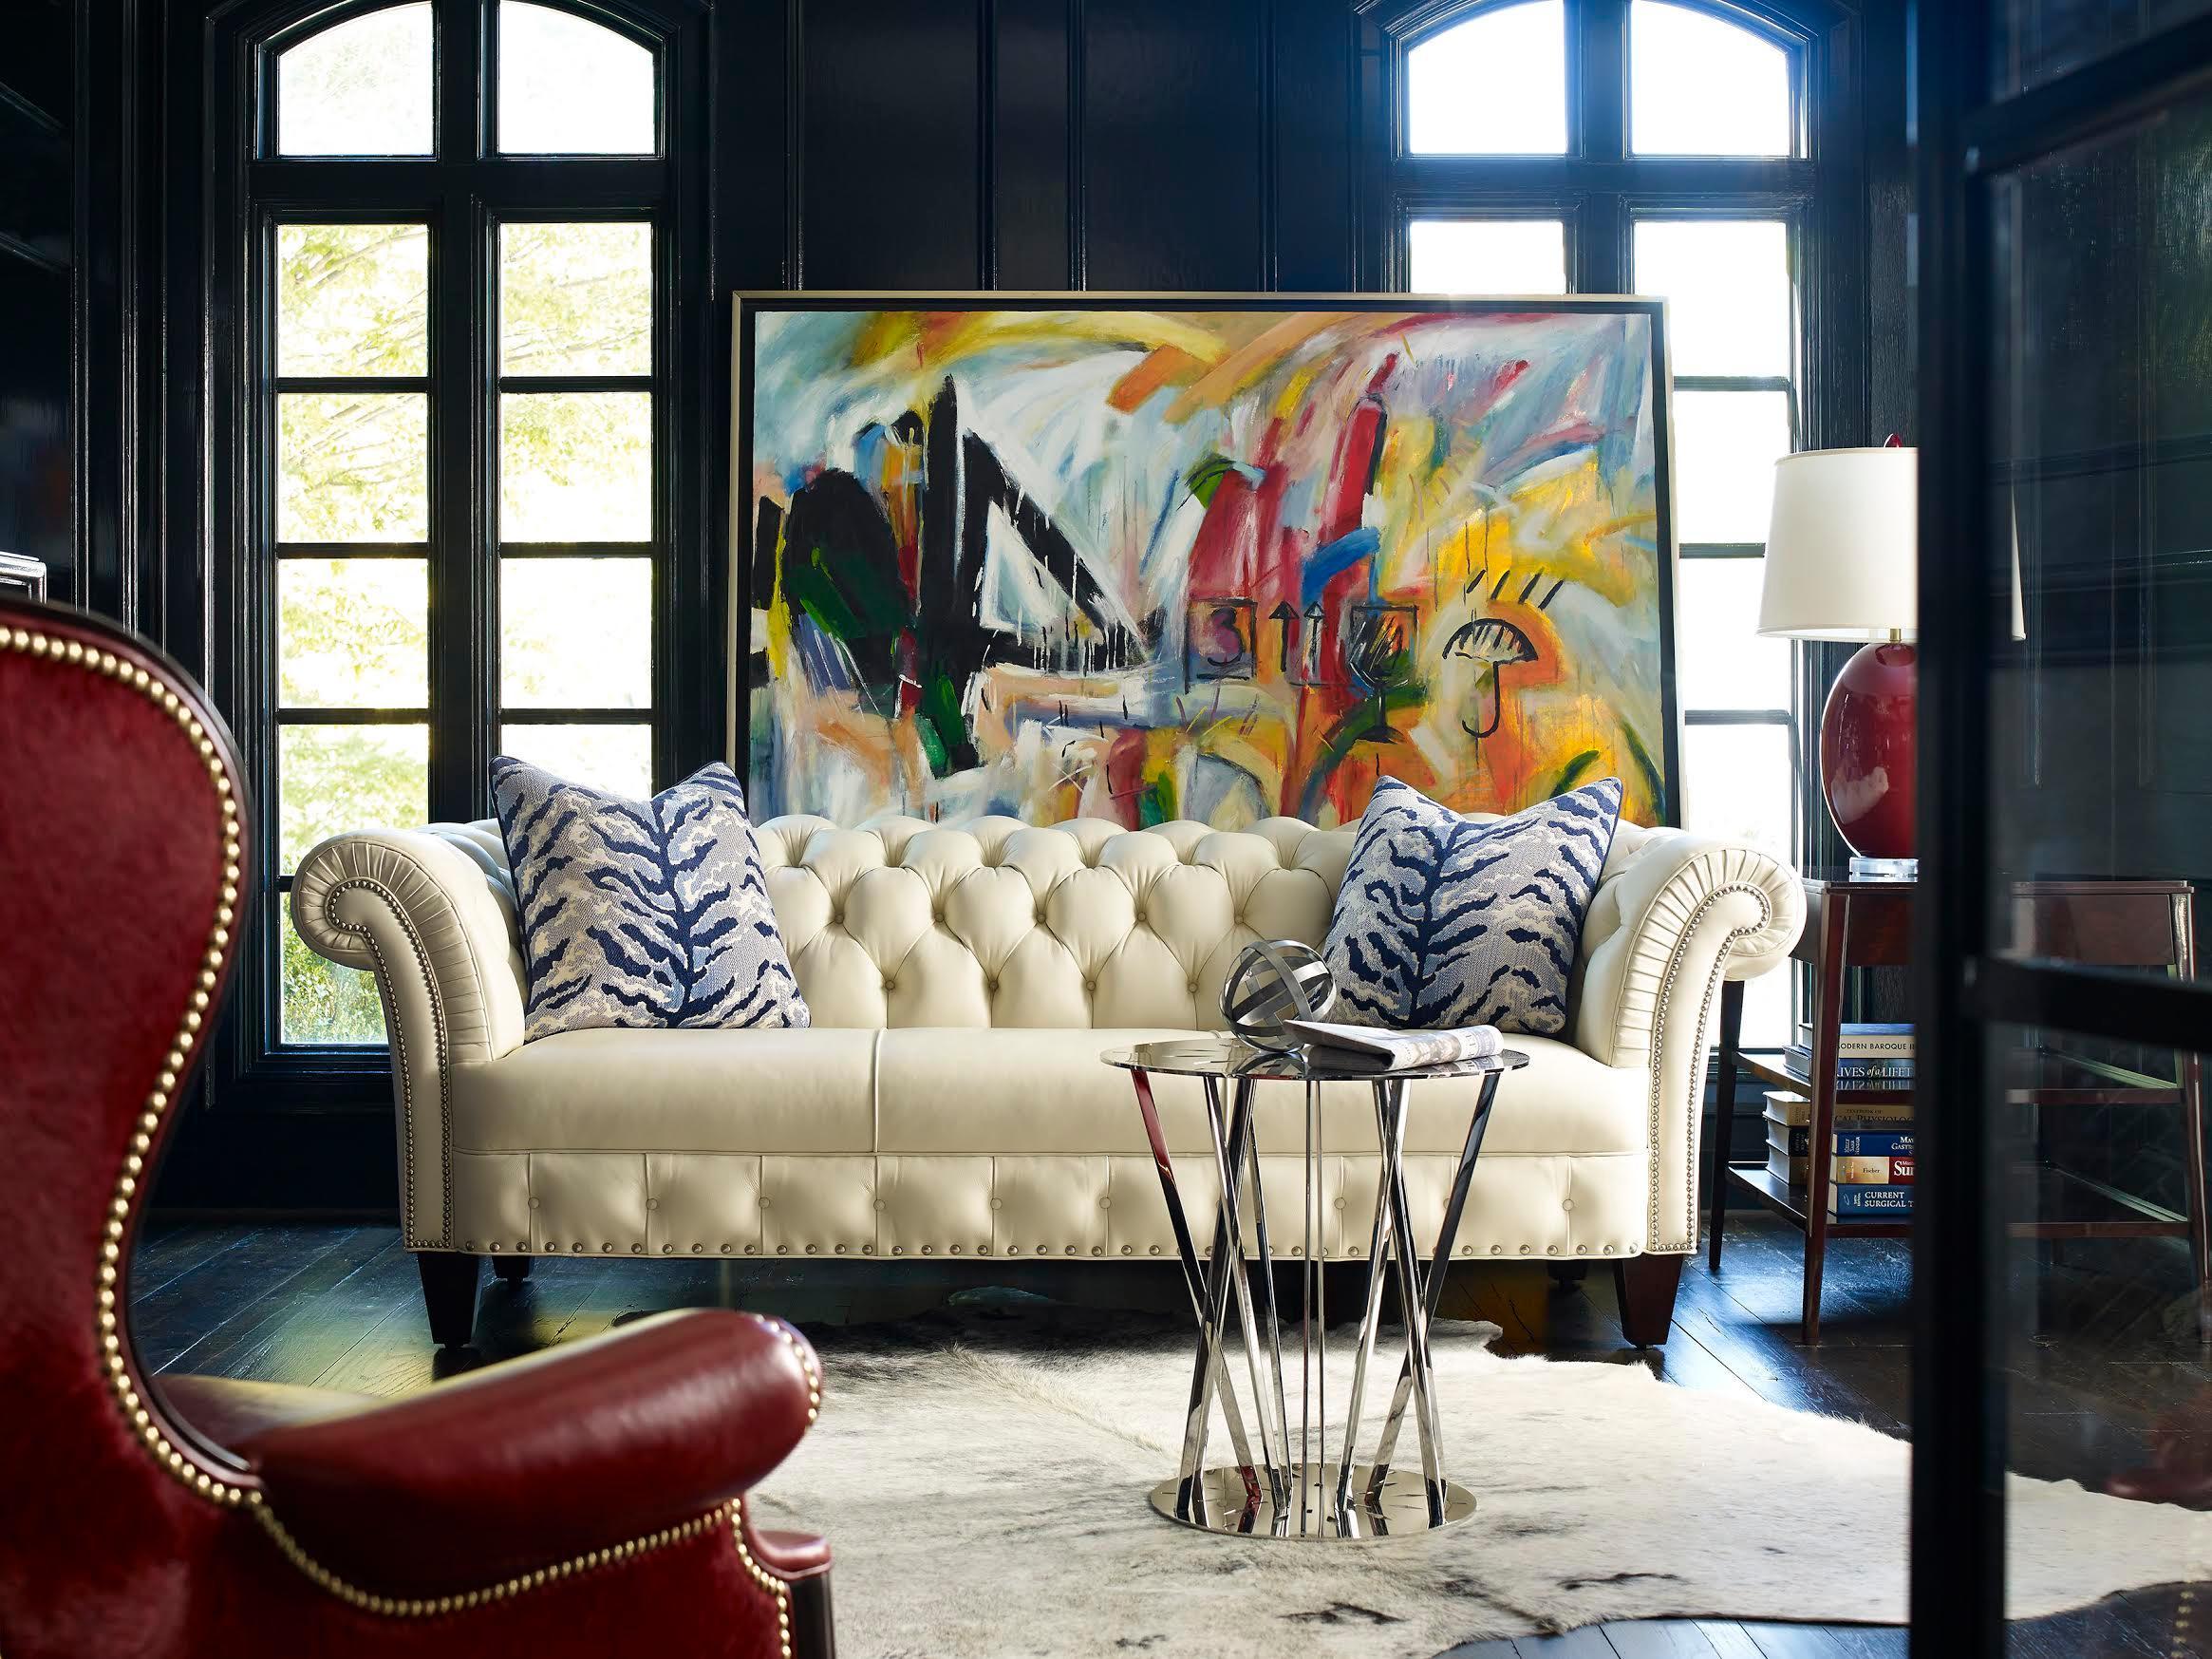 Gasior's Furniture & Interior Design image 8